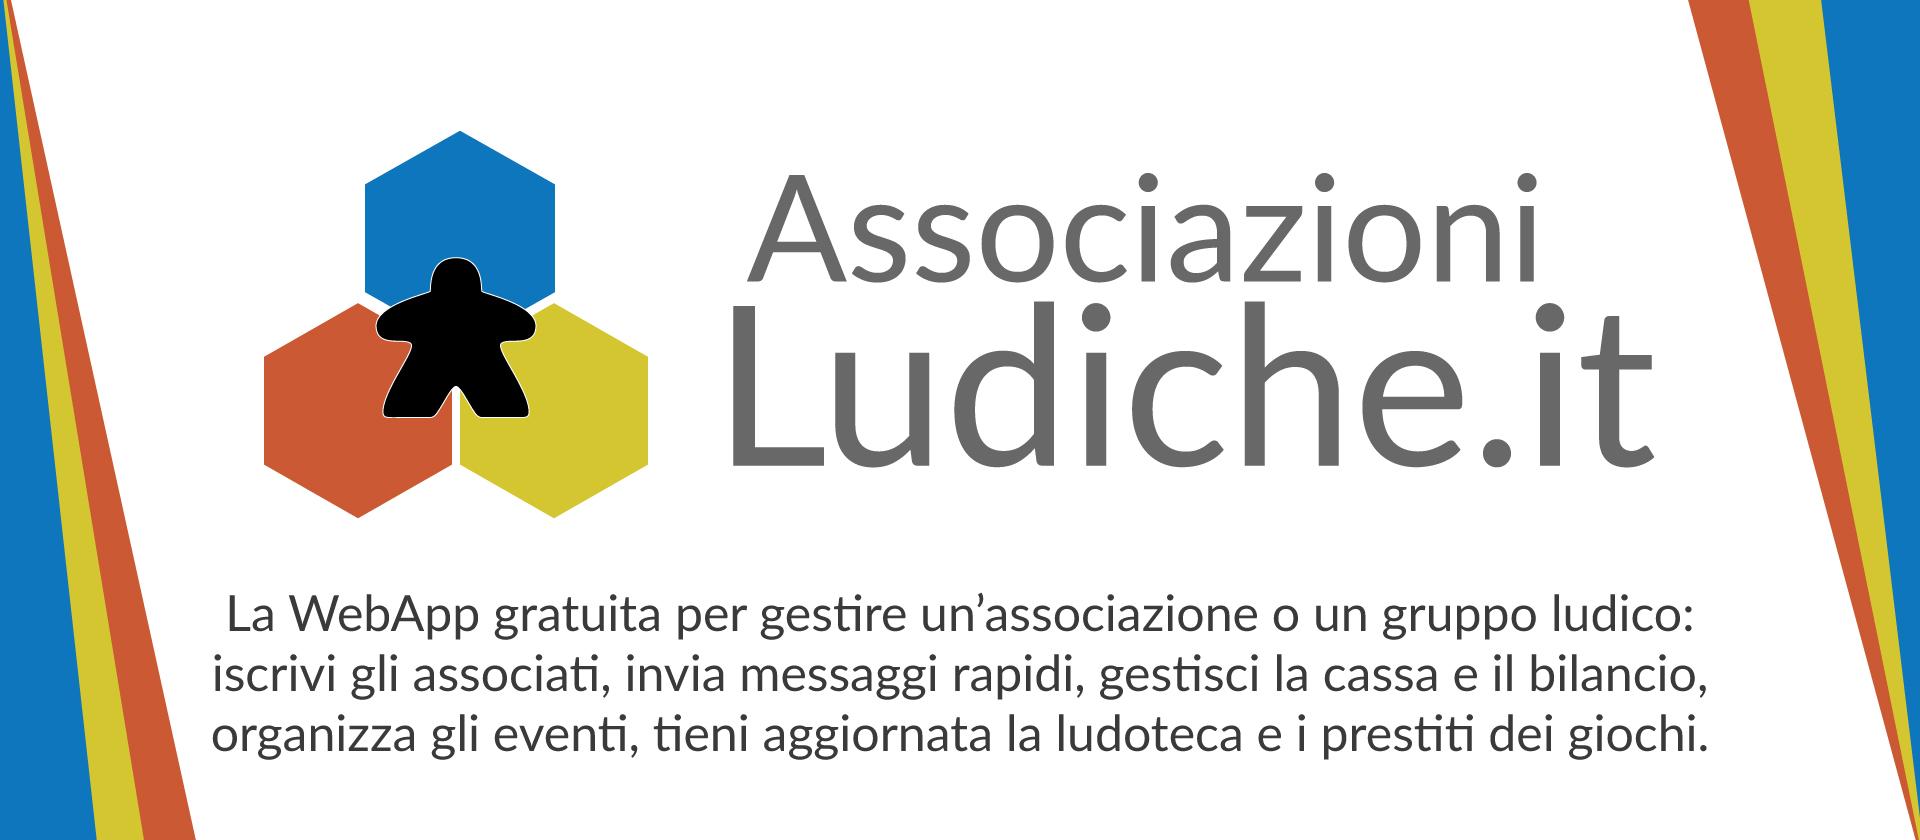 AssociazioniLudiche.it - La WebApp per le associazioni ludiche